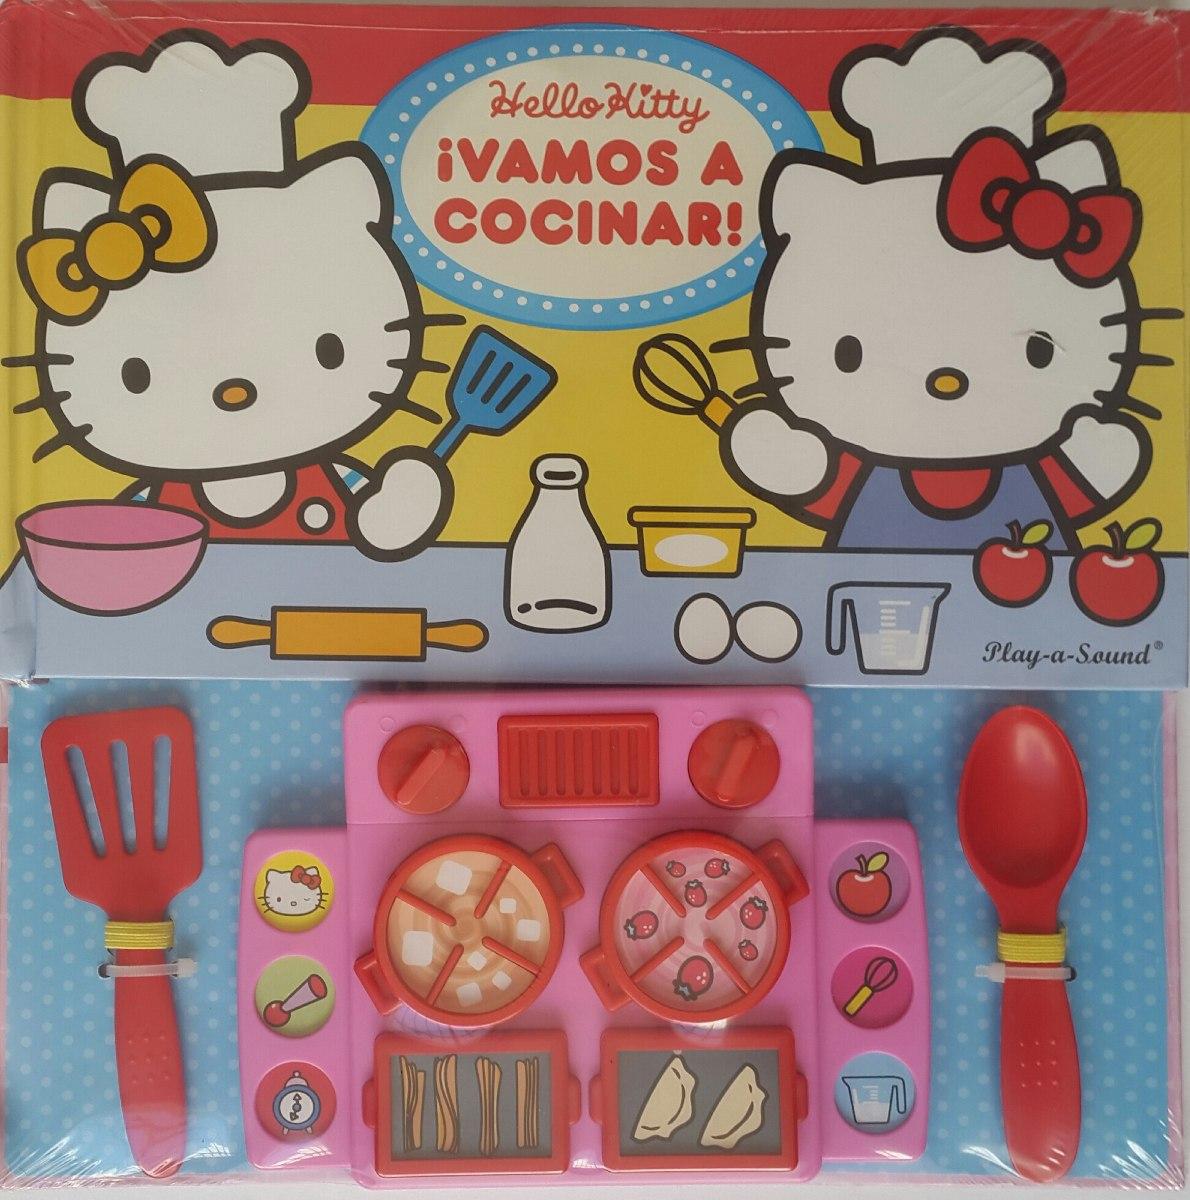 Charming Libro Interactivo Hello Kitty Vamos A Cocinar. Cargando Zoom.